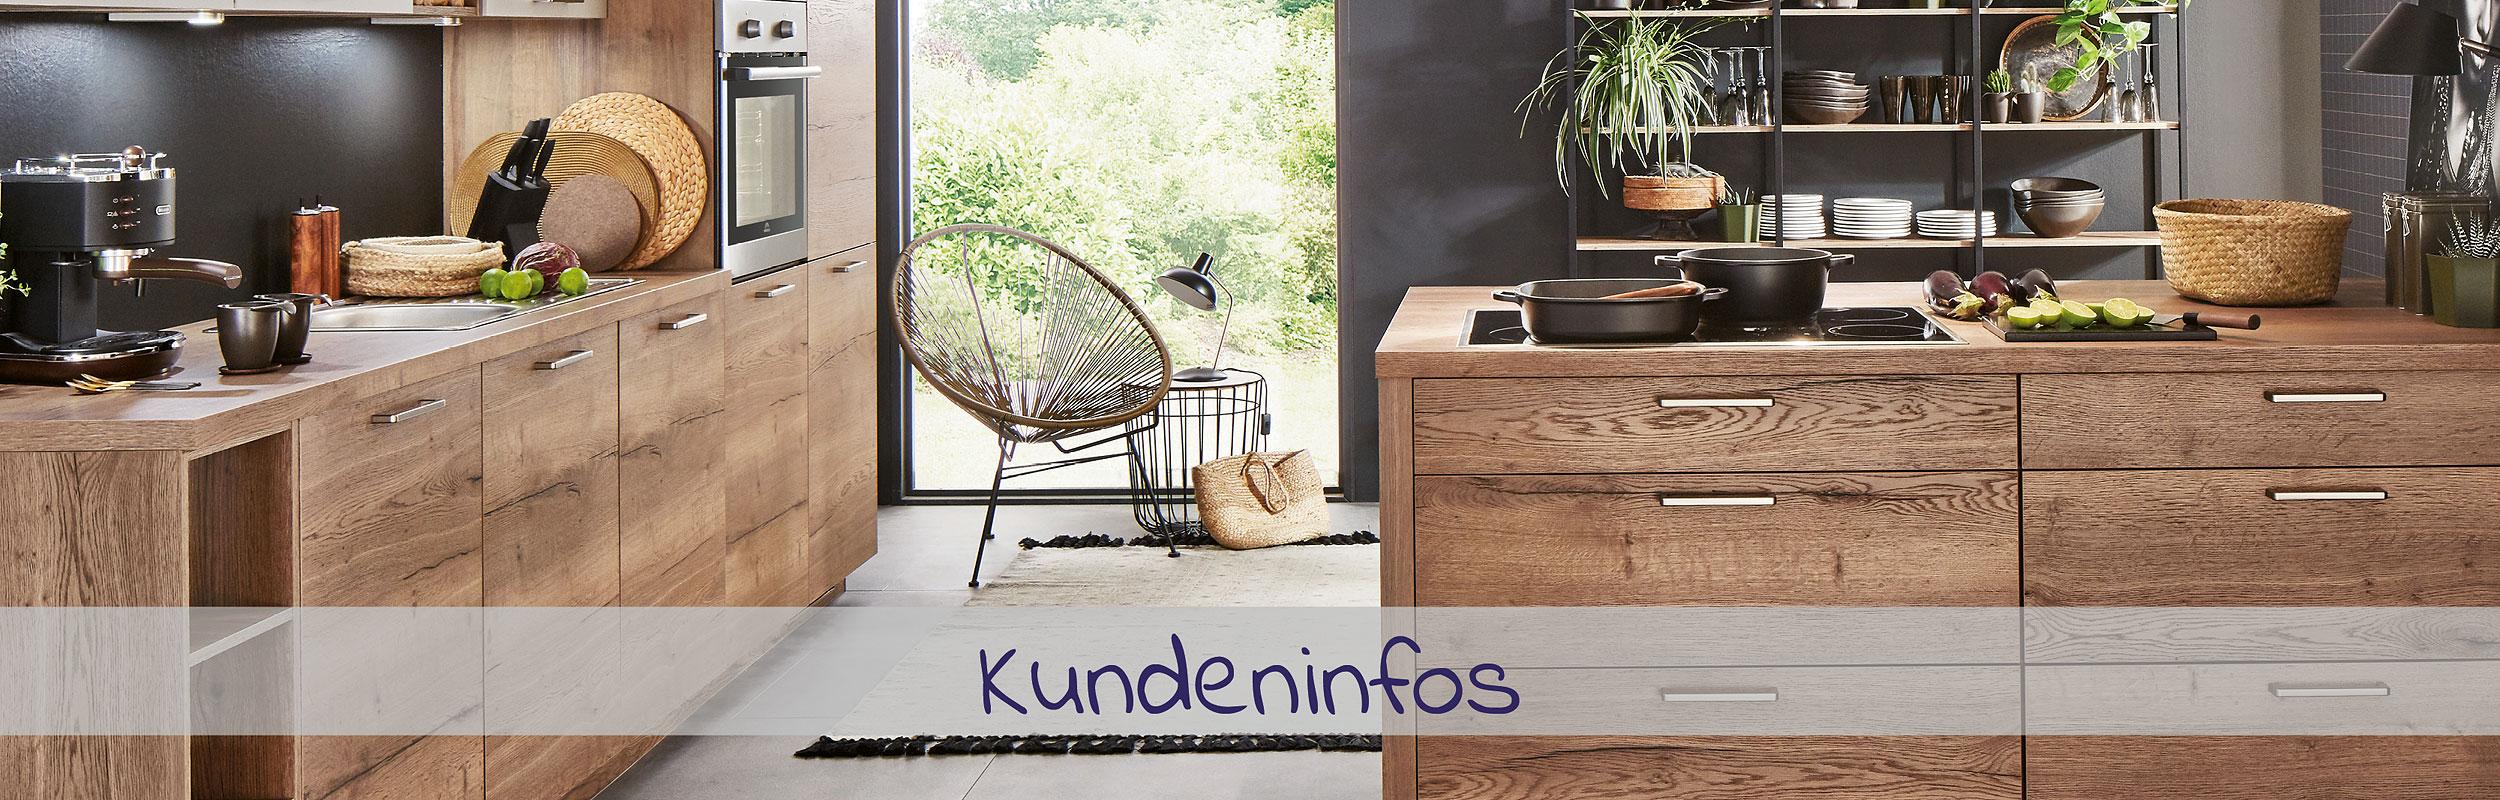 Kundeninfos - Küchenland Auer